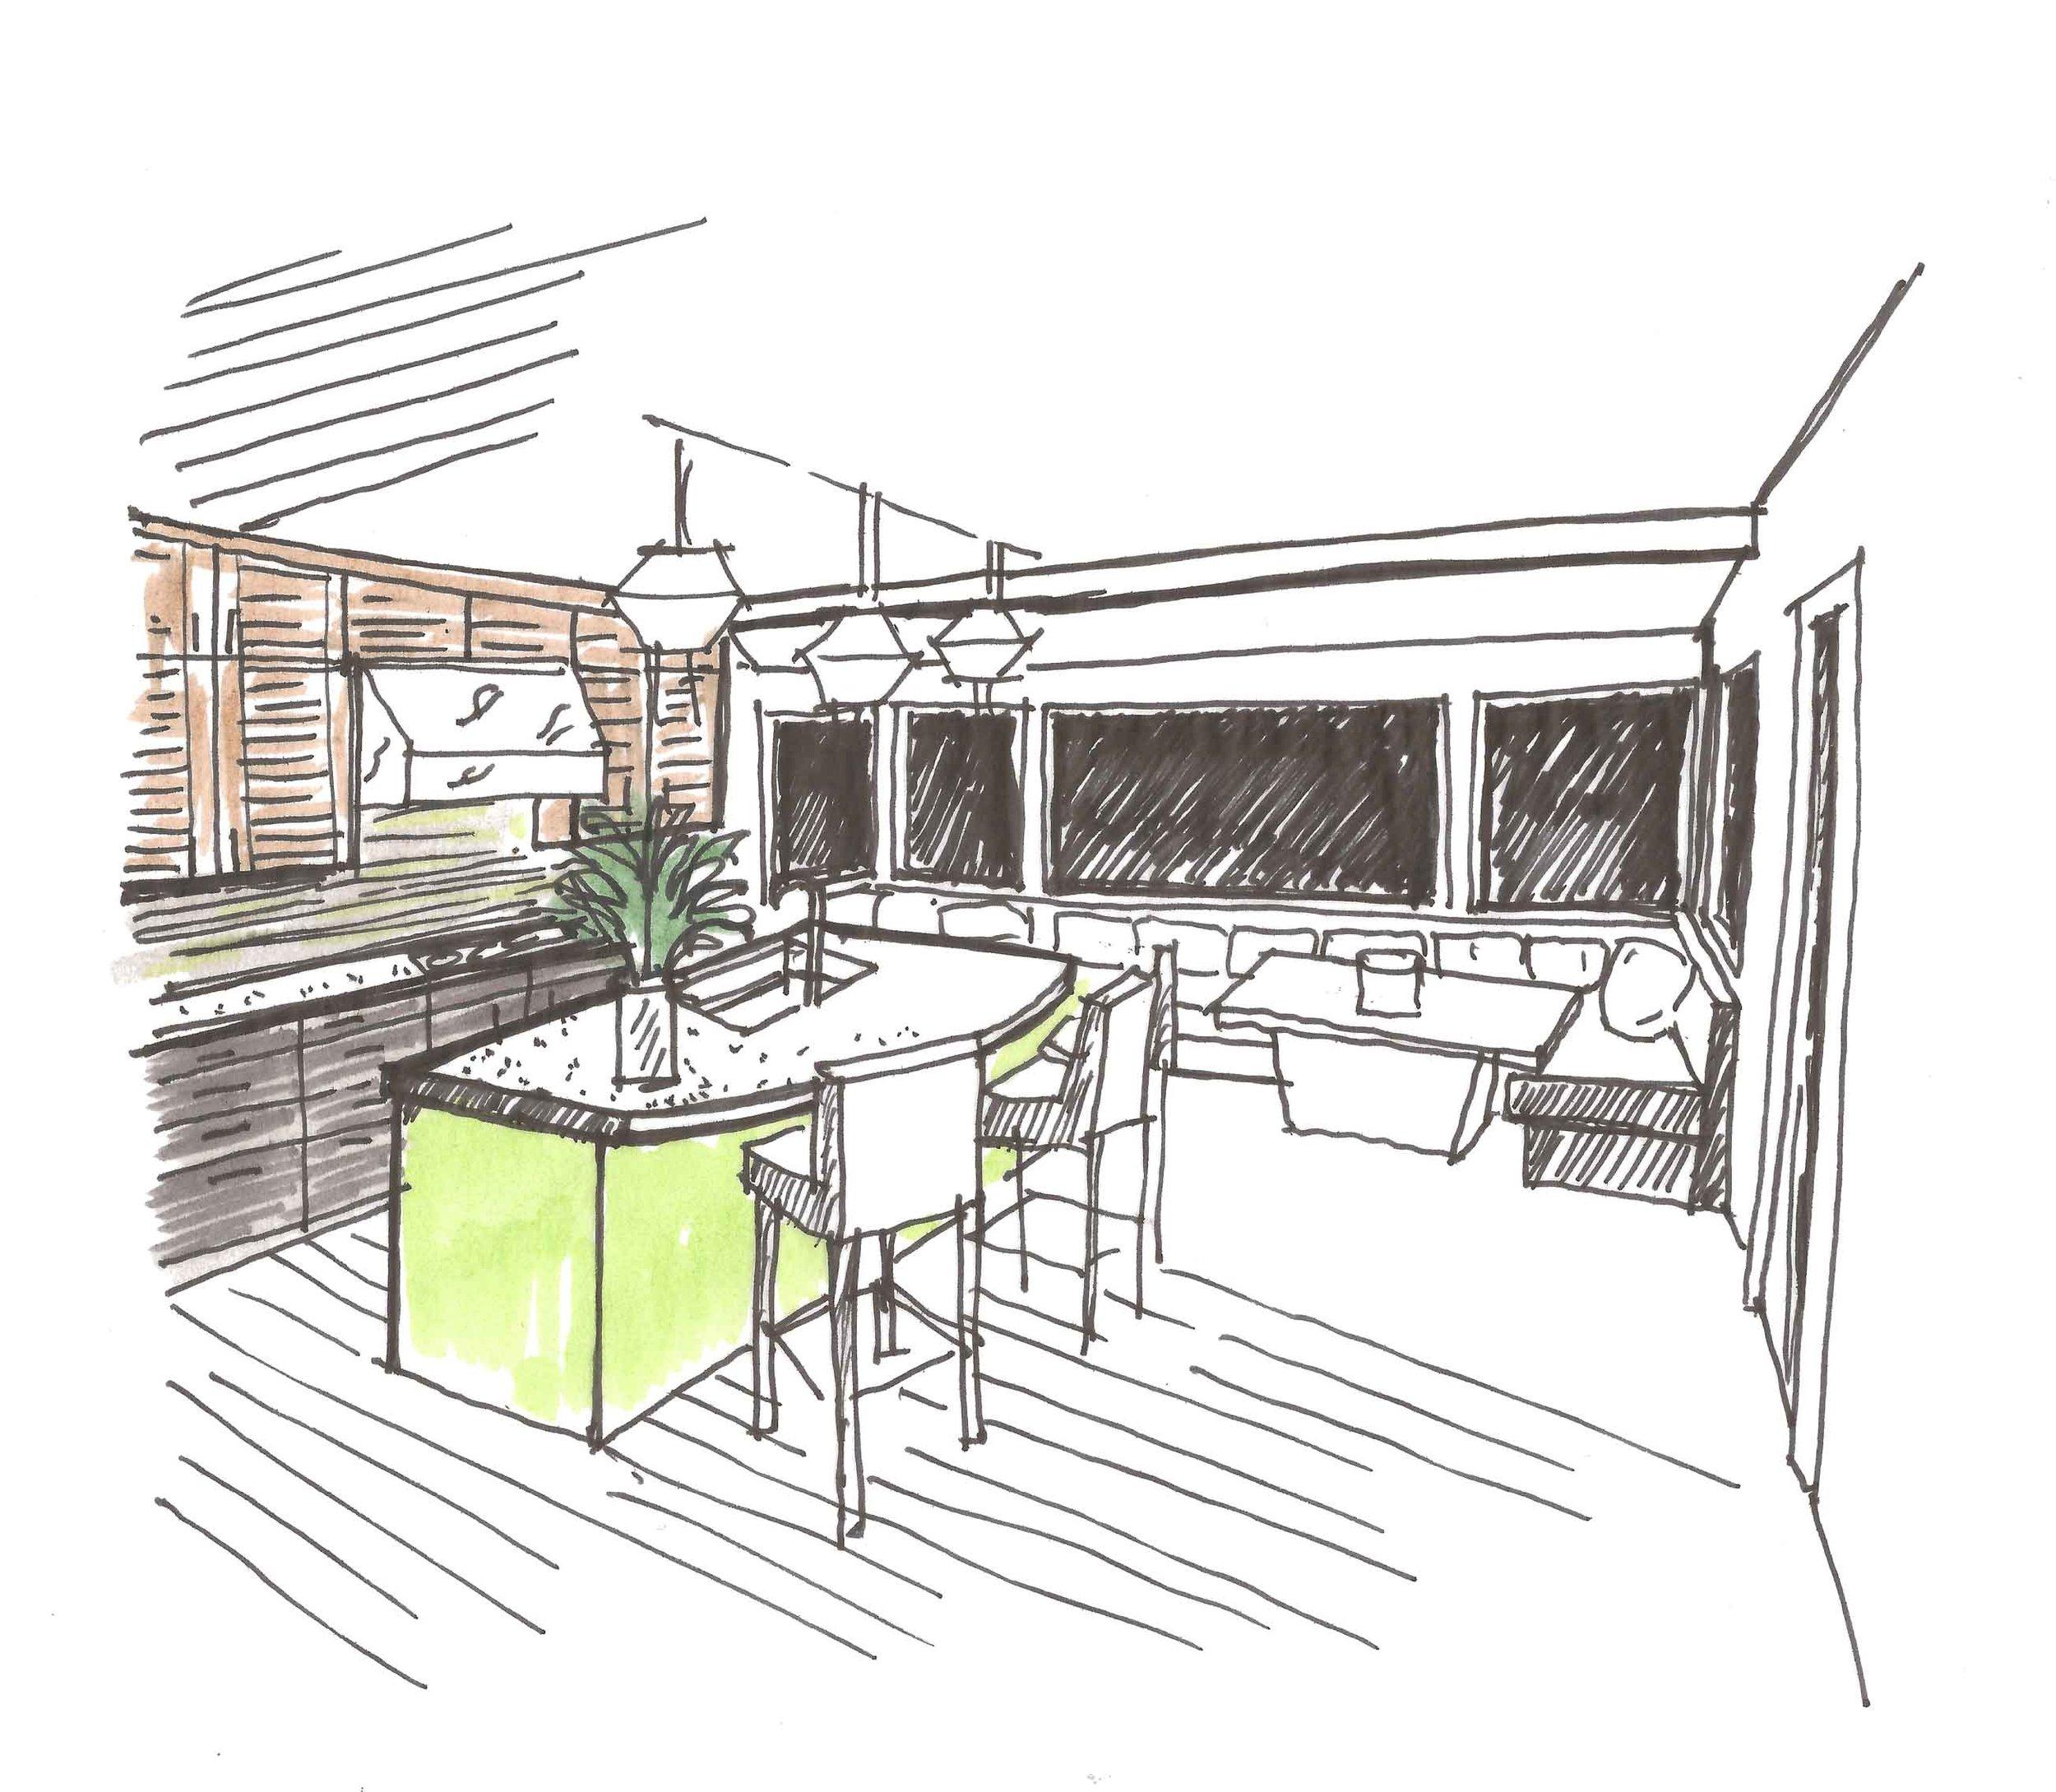 8_williams-kitchen-sketch-color copy.jpg